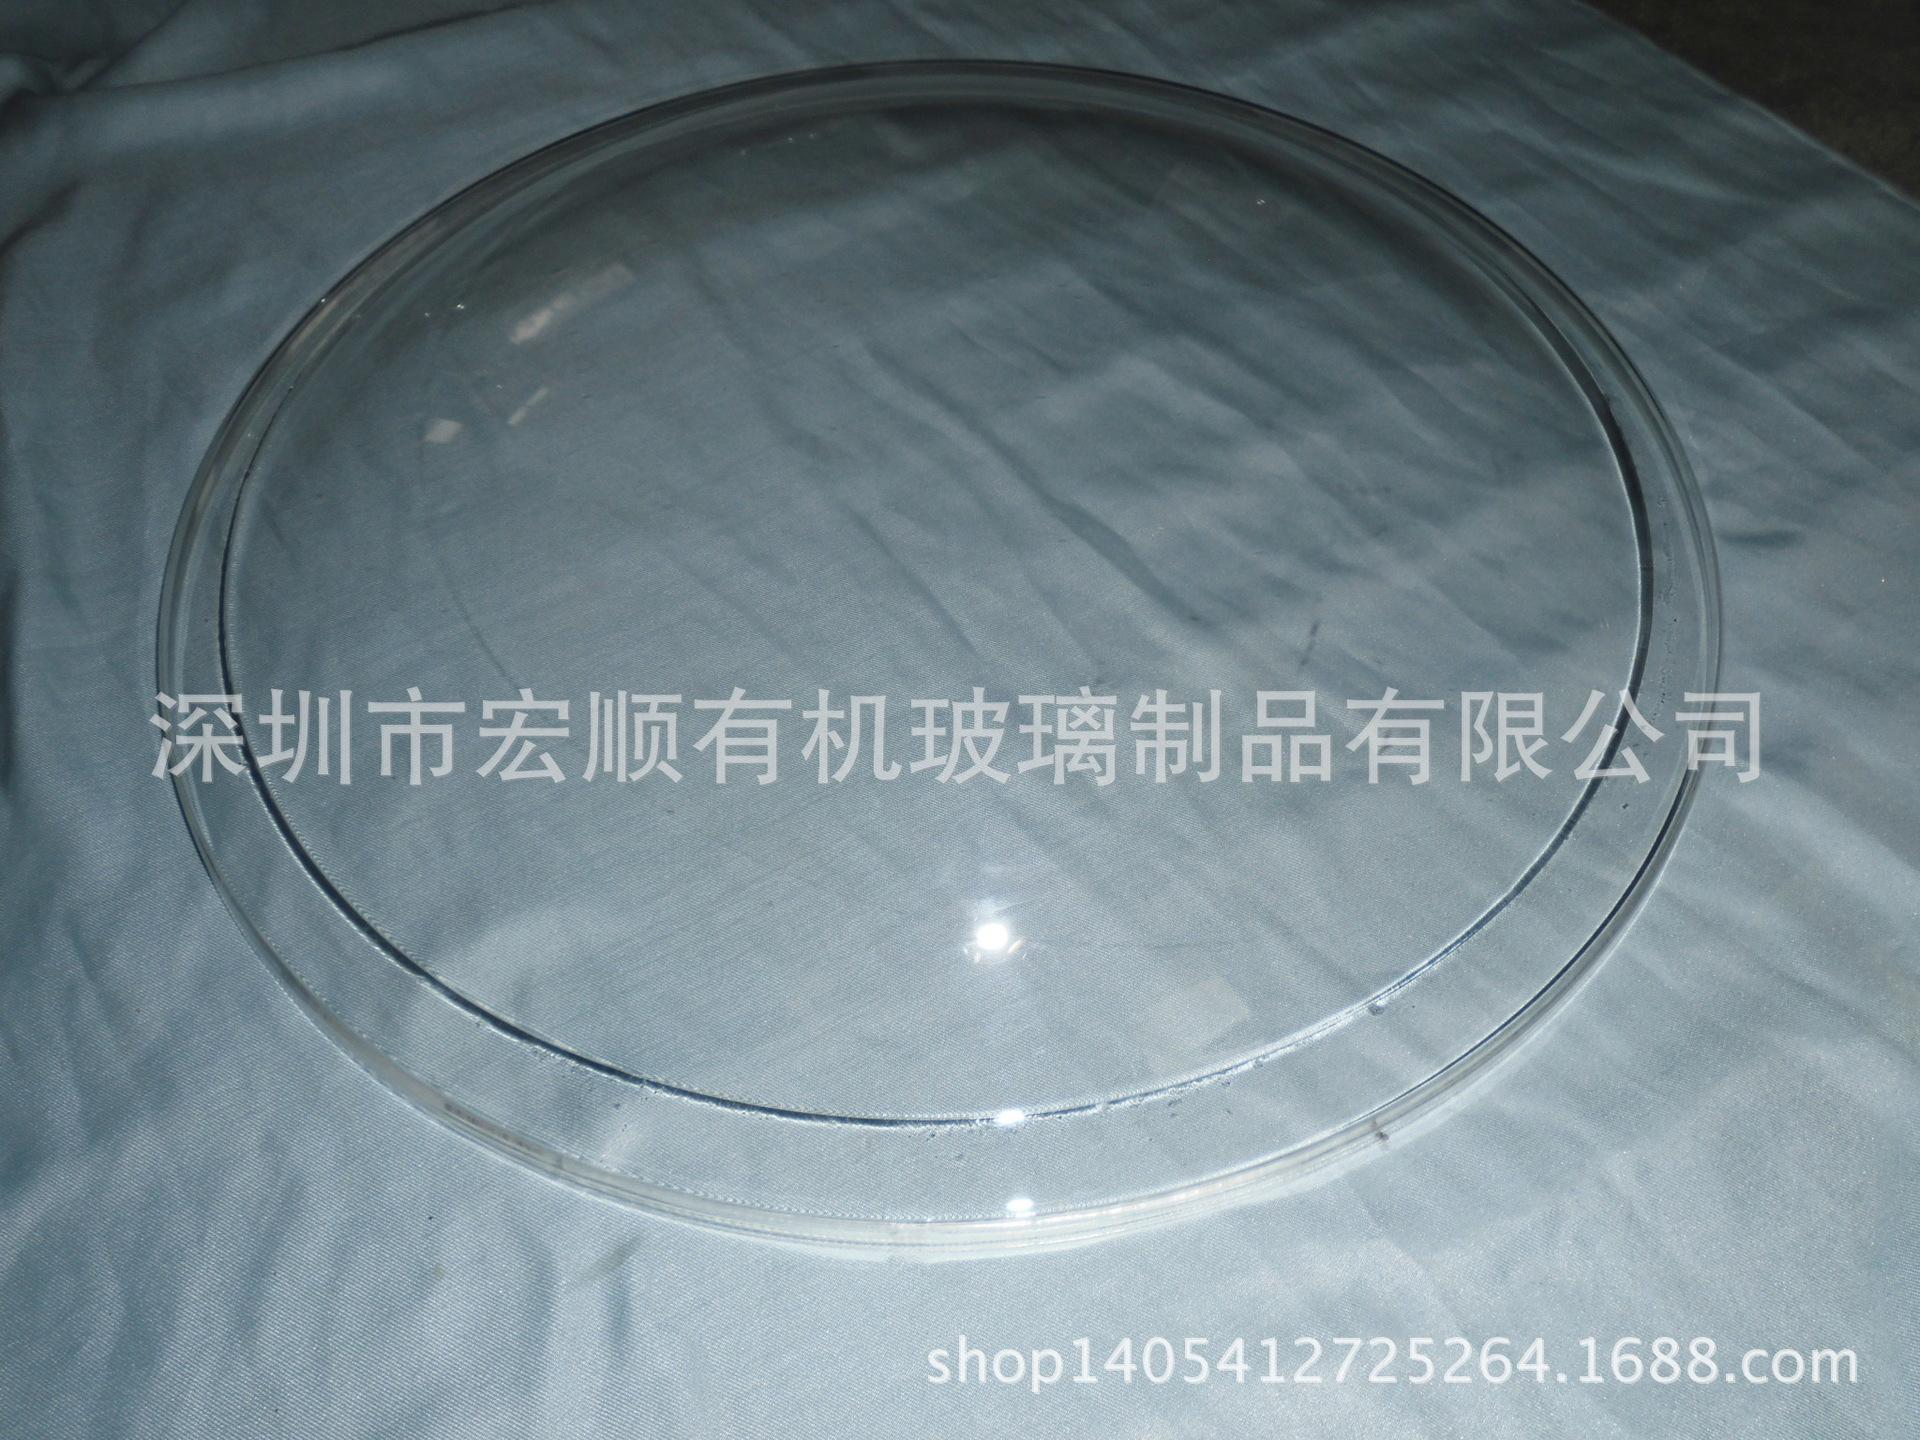 厂家直销亚克力半圆球150---1050mm 透明保护罩,食品展示防尘罩子